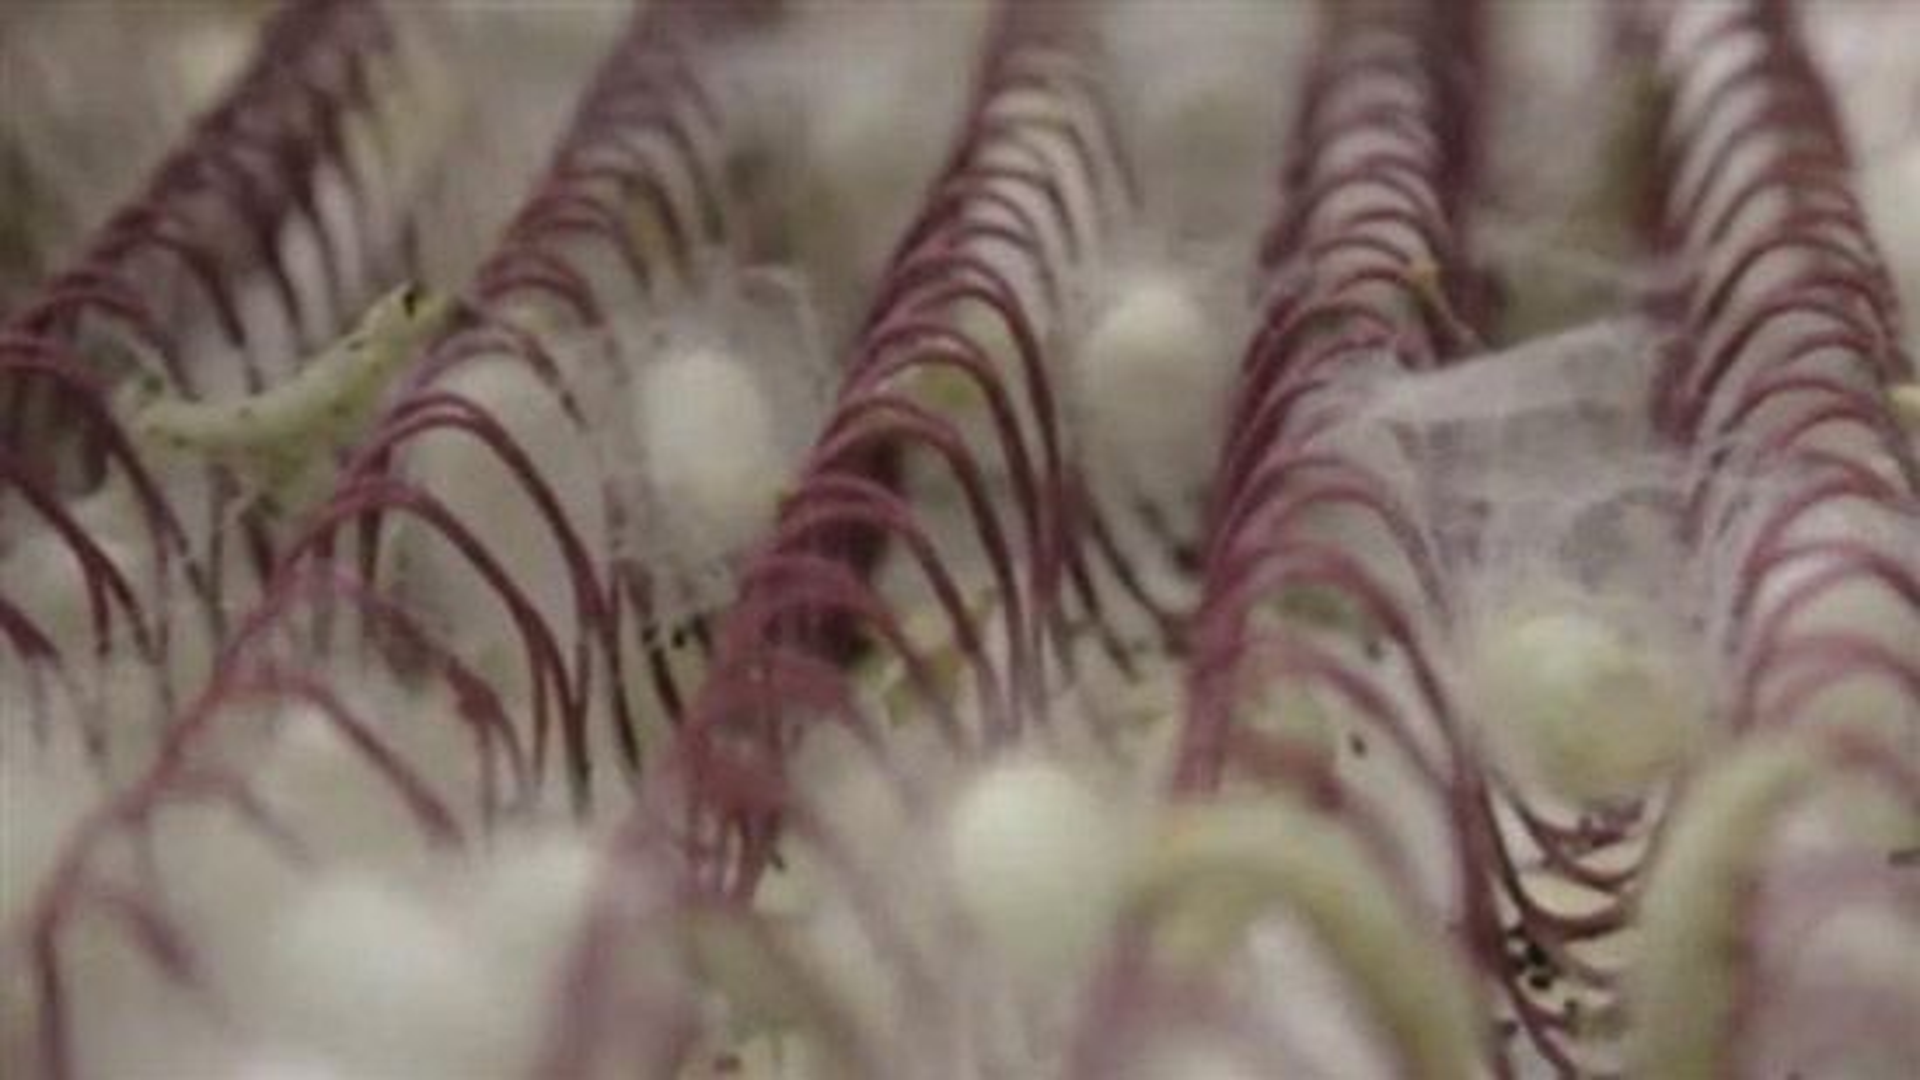 اصلاح ژنتیکی کرم ابریشم برای تولید ابریشم ضد گلوله   فیلم